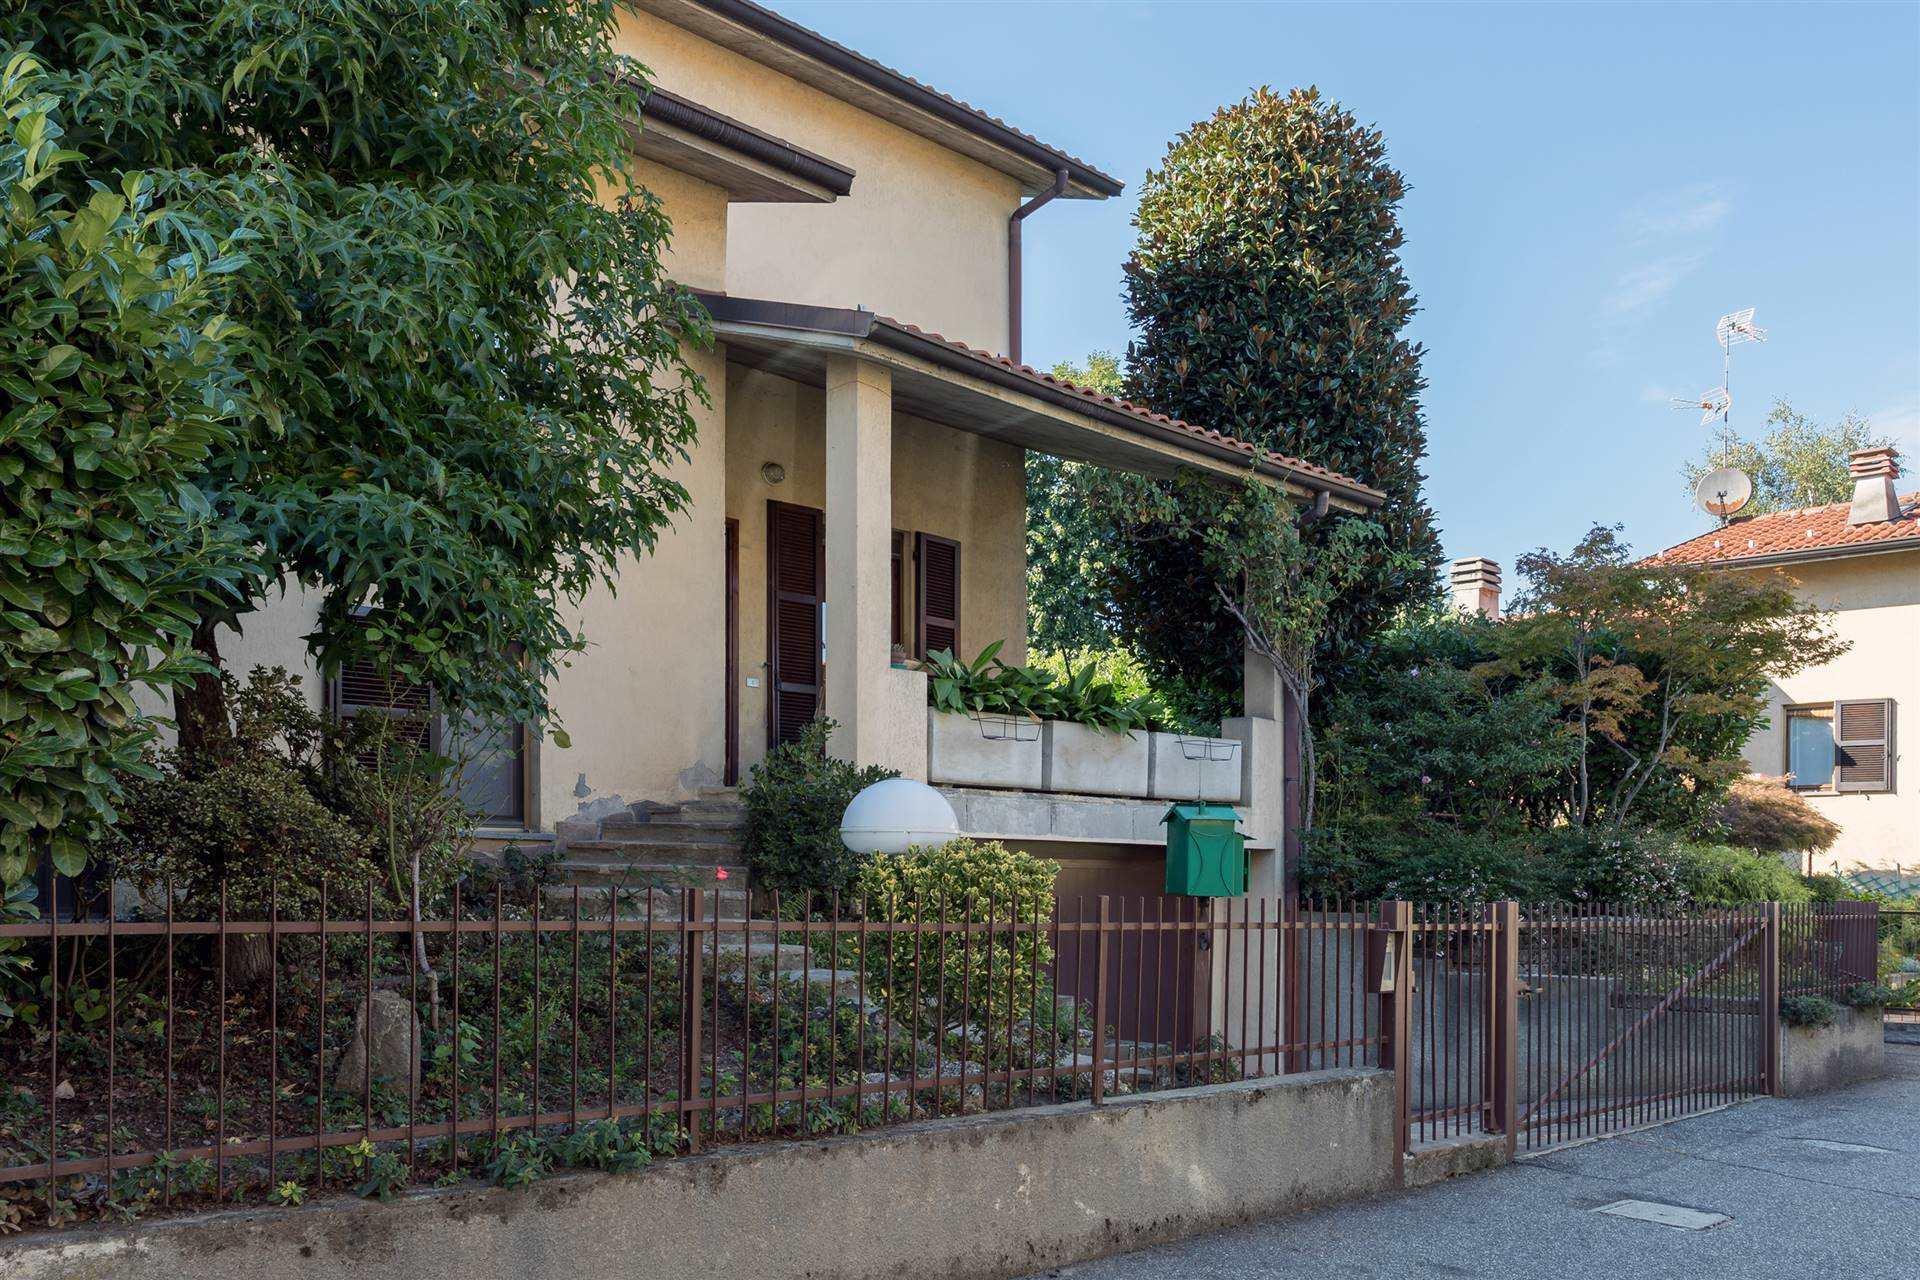 Villa Bifamiliare in Vendita a Bellusco